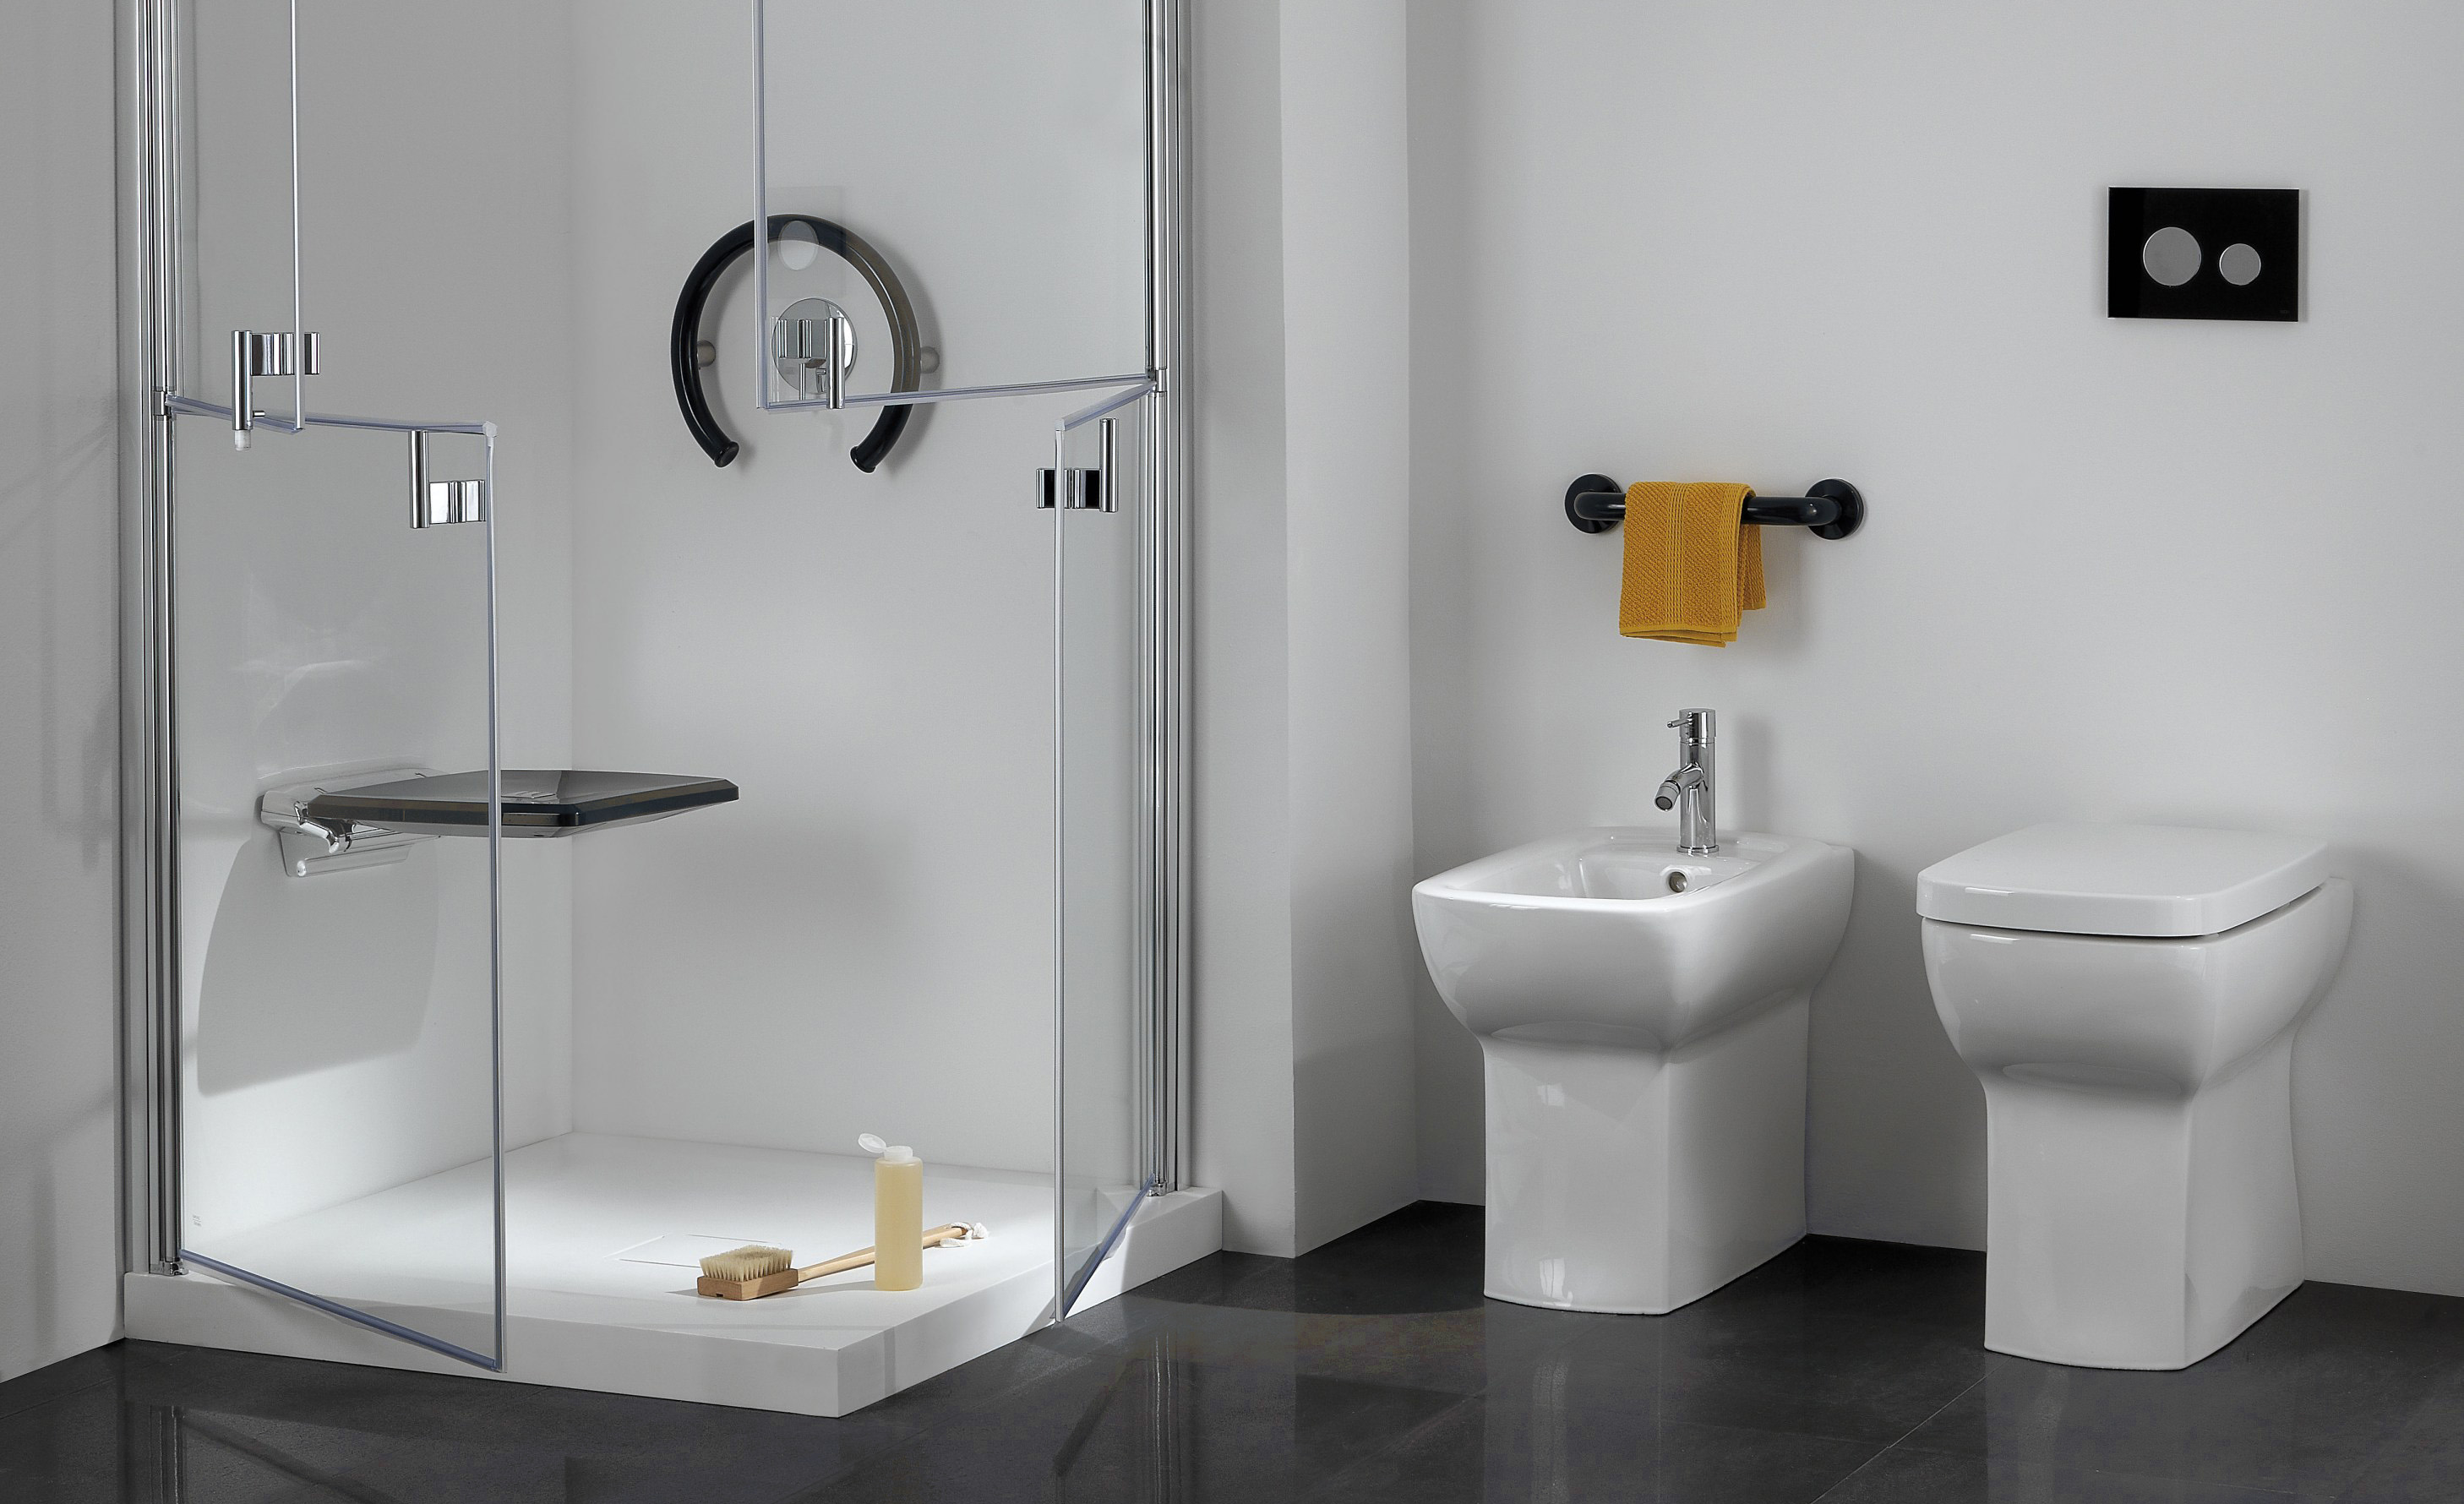 Sanitari ponte giulio per costruire il tuo bagno design - Sanitari bagno design ...